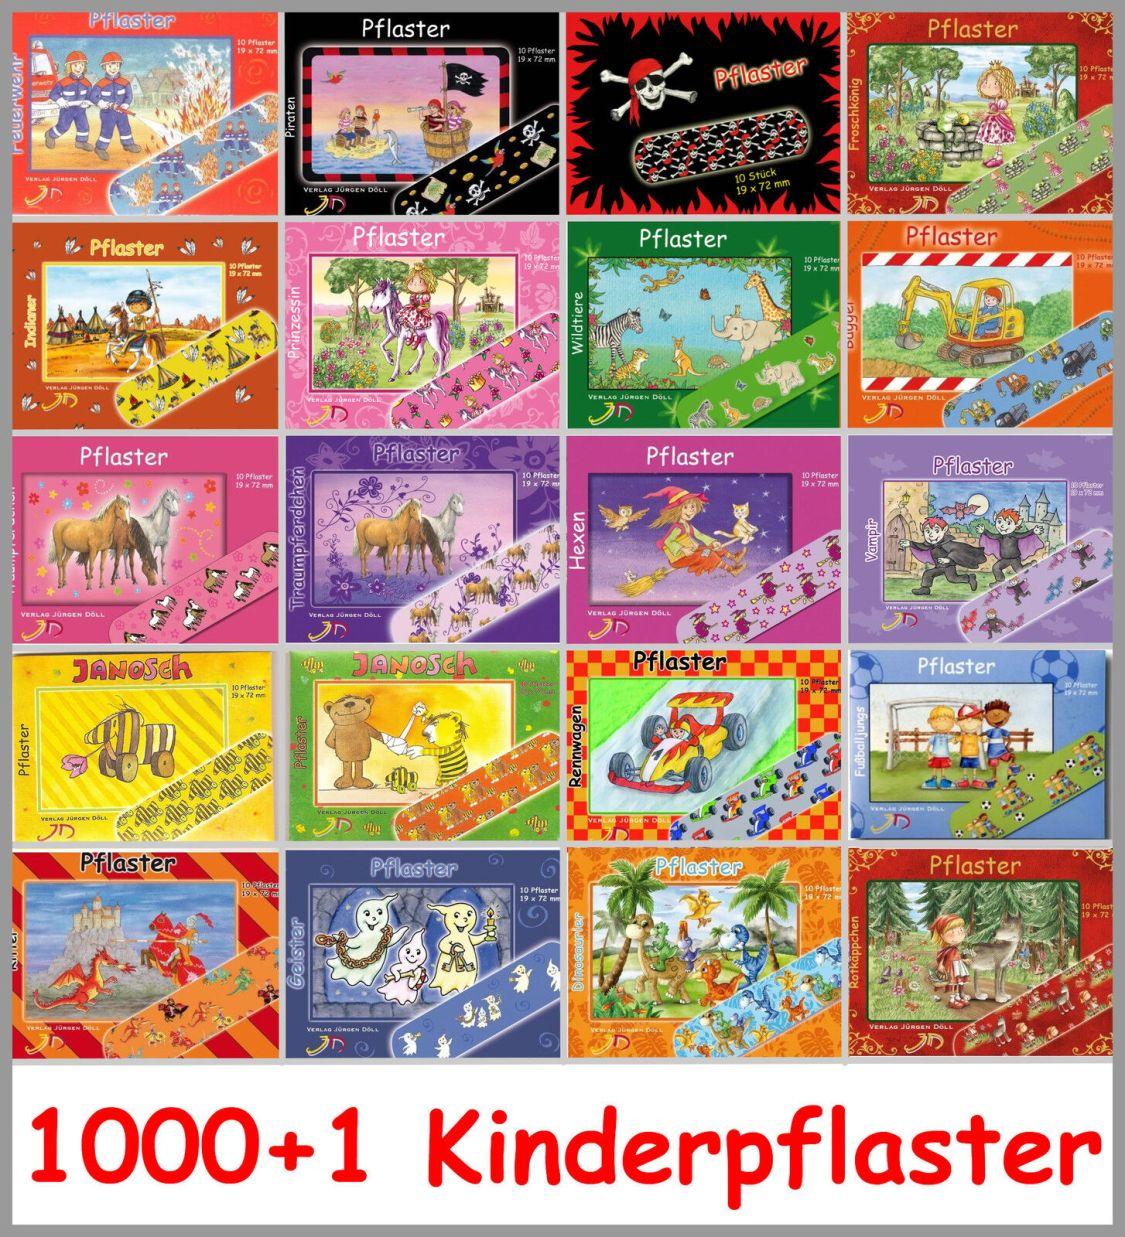 10 Kinderpflaster, Pflasterbriefchen, Pflaster für Kinder von Döll, Mitgebsel